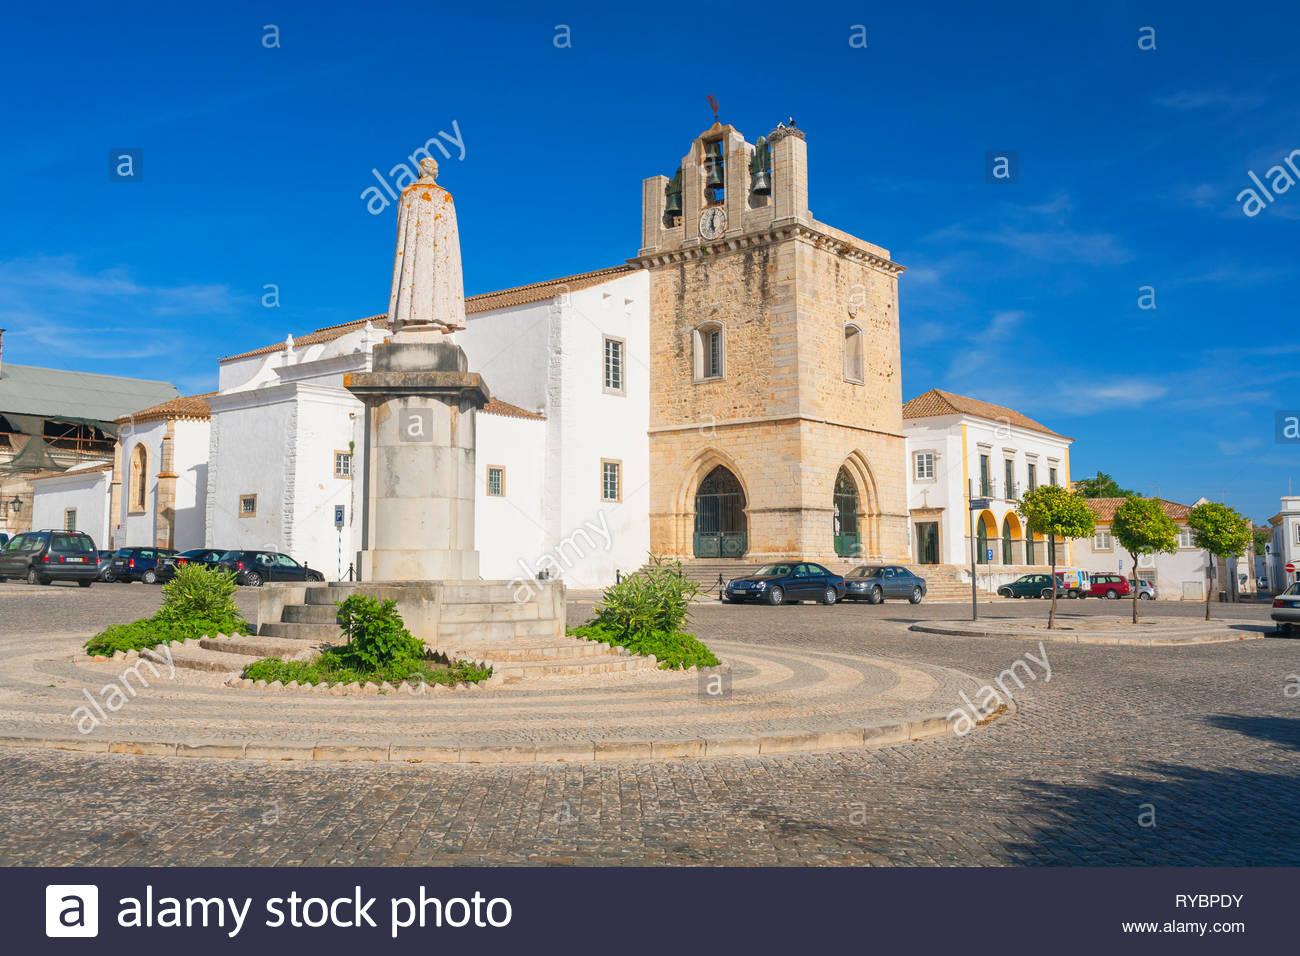 Cathedral, Faro, Algarve, Portugal - Stock Image